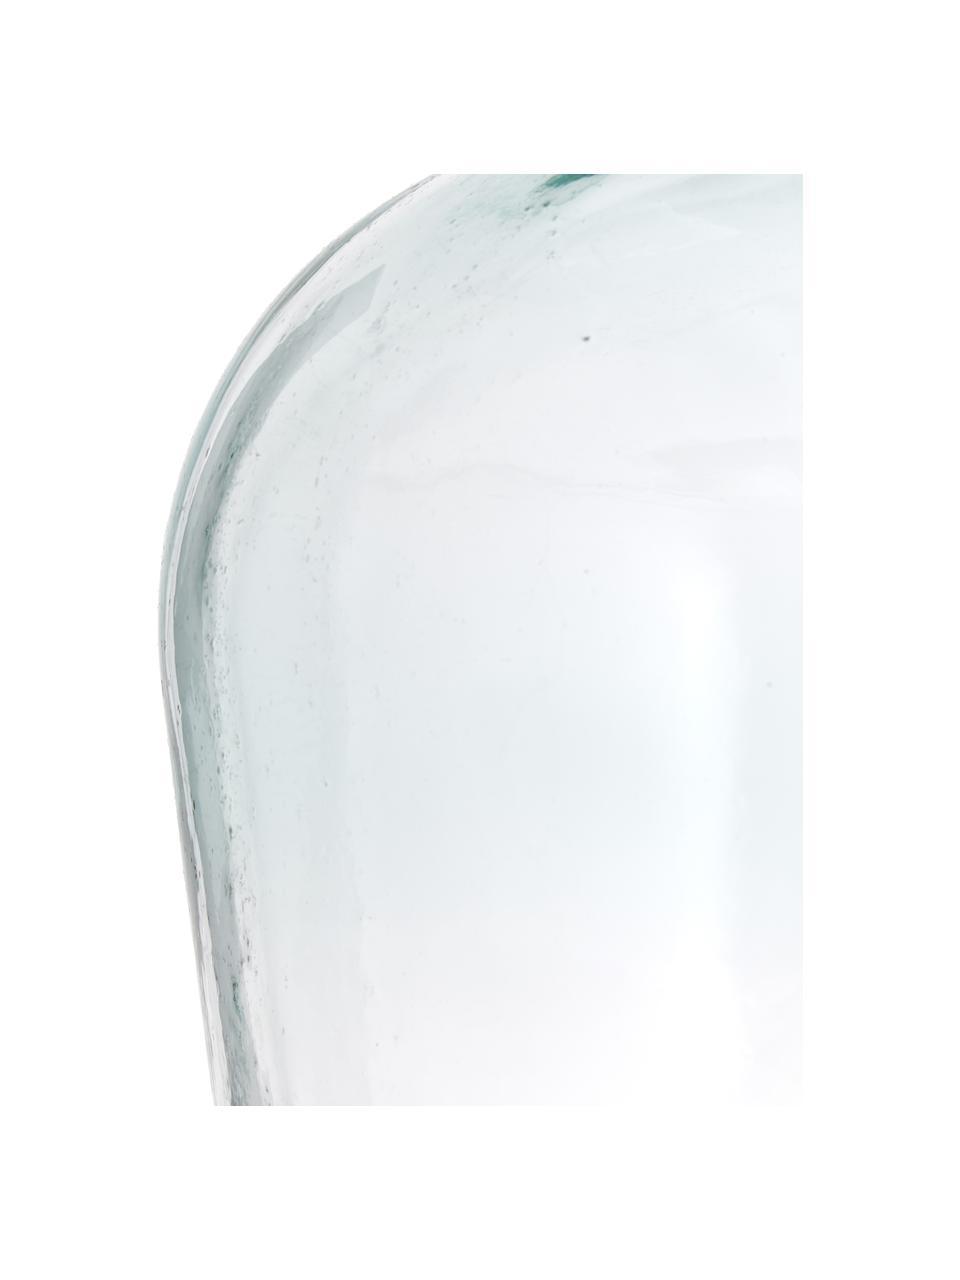 Wazon podłogowy ze szkła z recyklingu Beluga, Szkło recyklingowe, Jasny niebieski, Ø 40 x W 56 cm